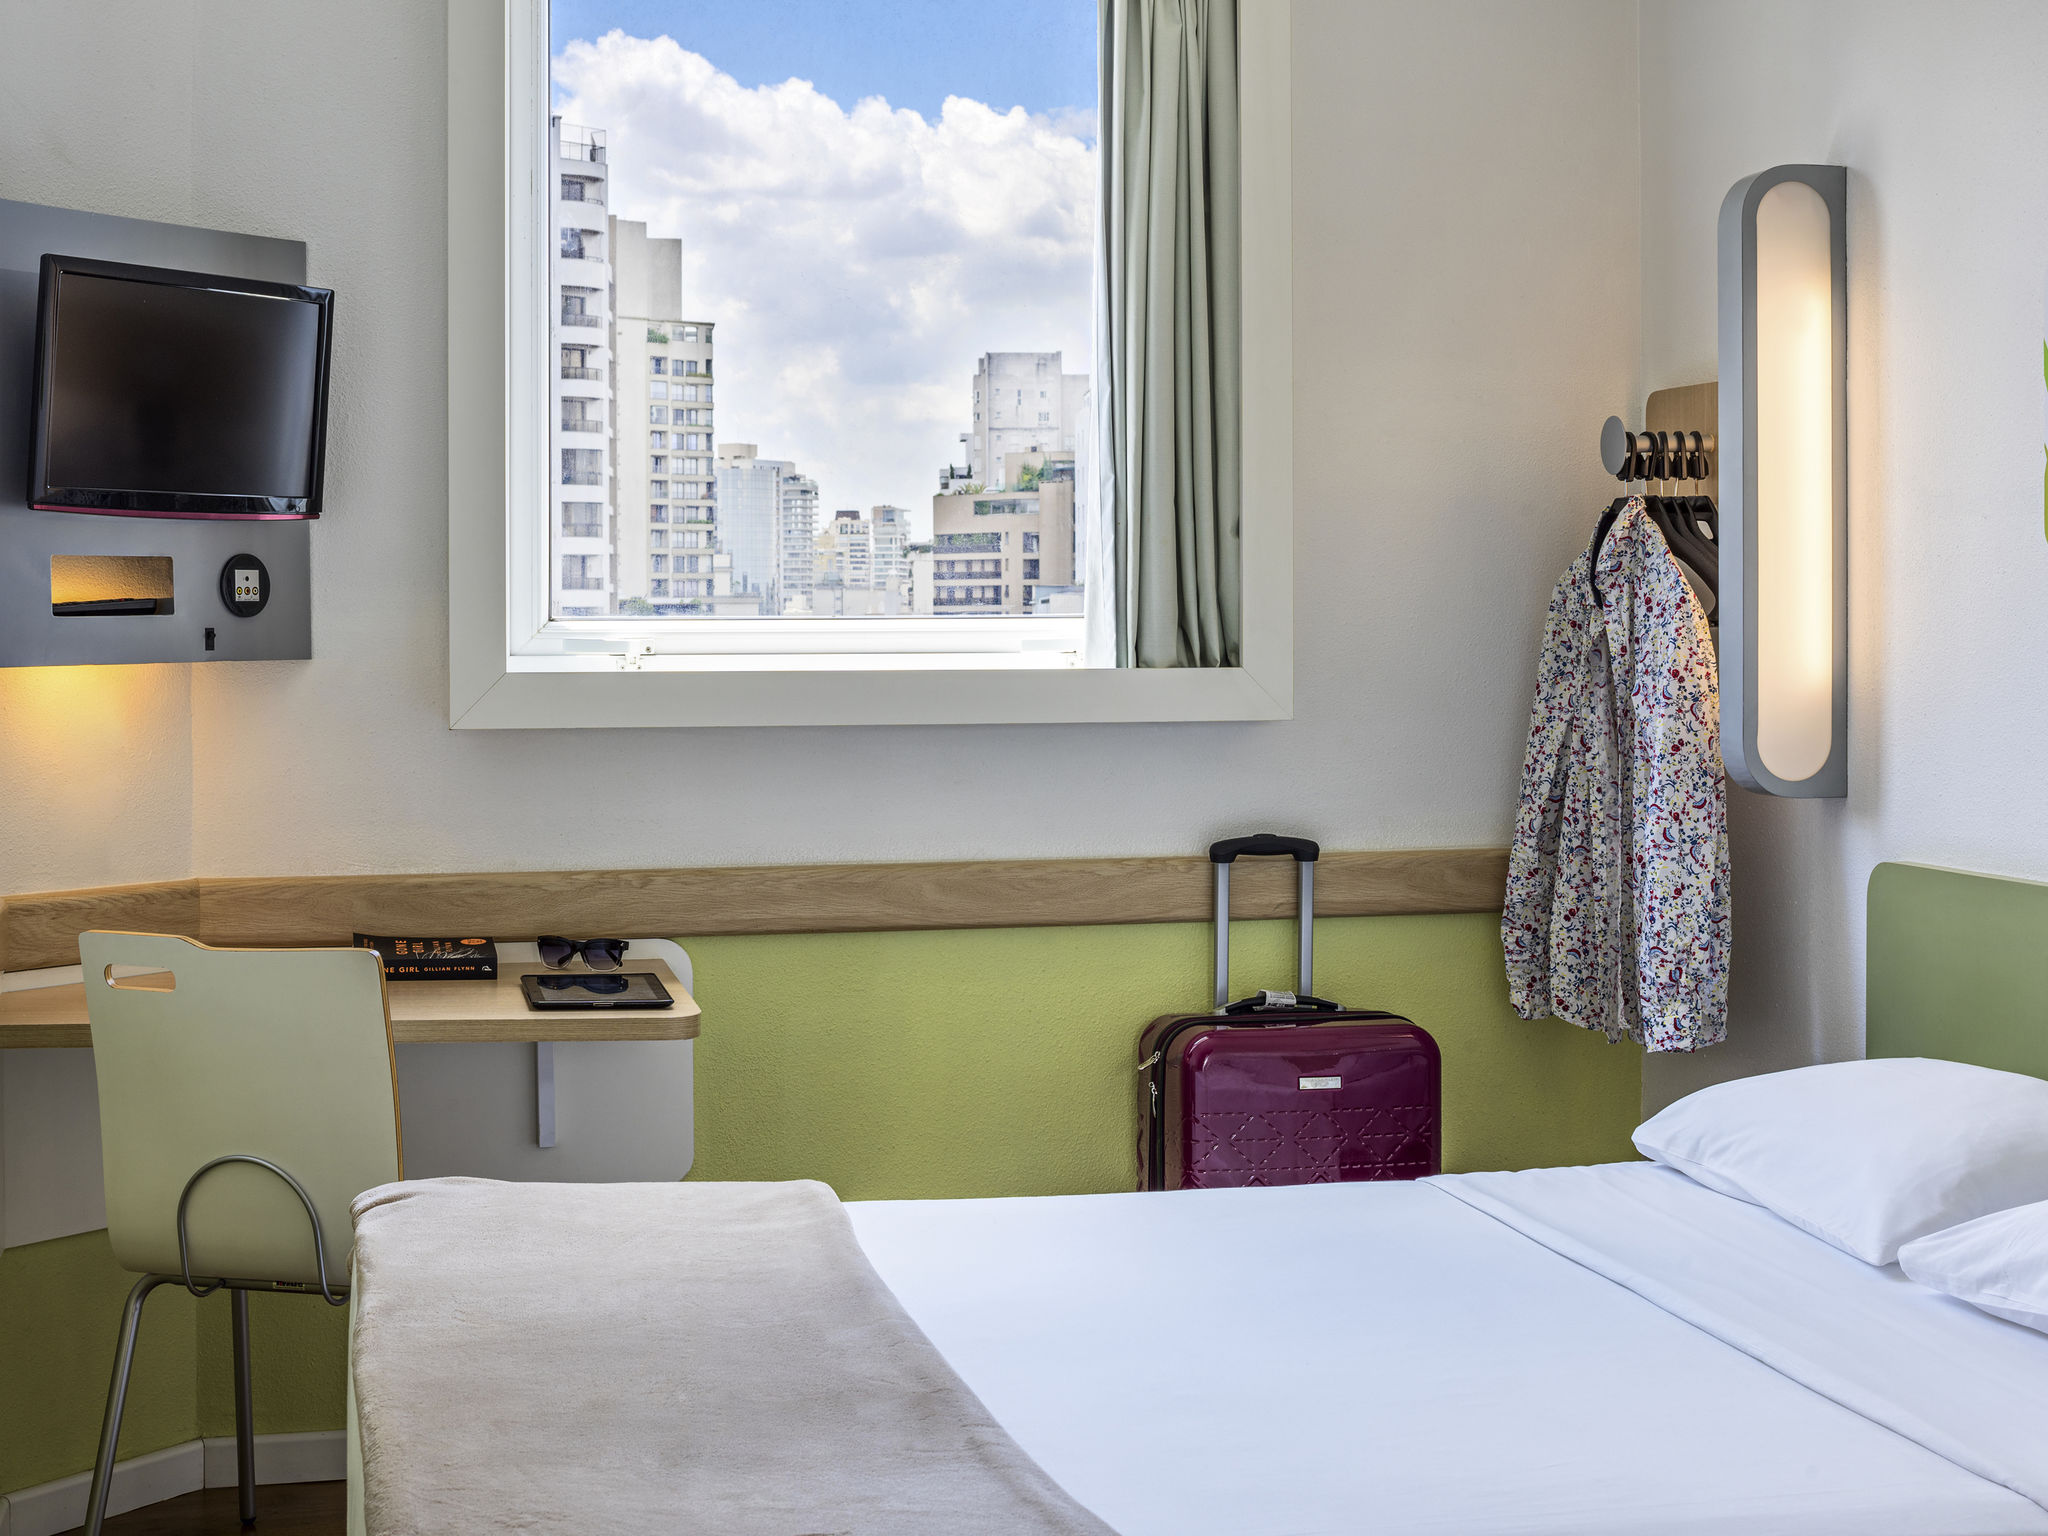 ホテル – イビス バジェット サンパウロ ジャルディンス